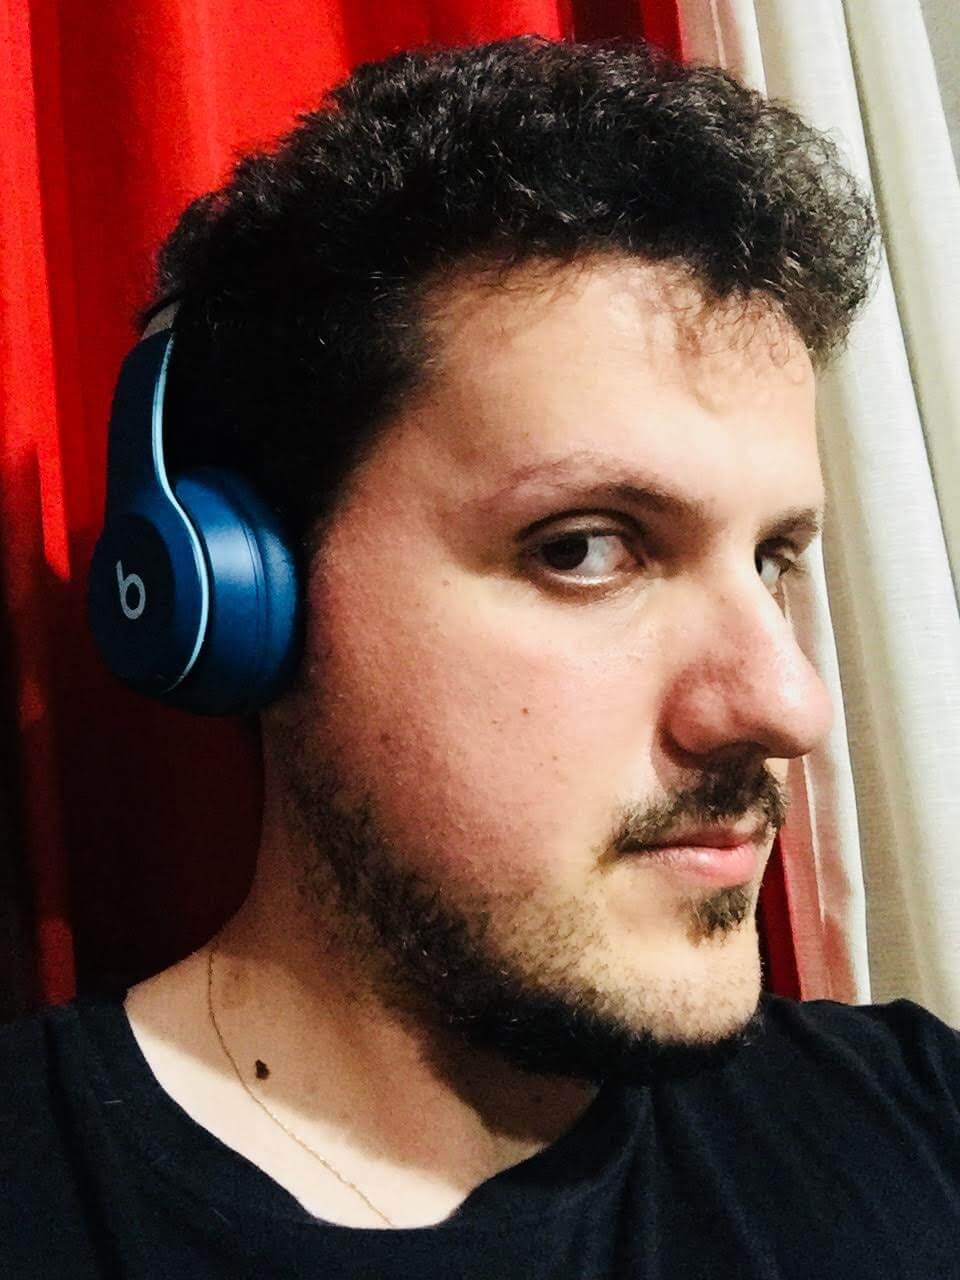 IMG 0447 - Review: Beats Solo3 Wireless, o fone bluetooth para todas as ocasiões